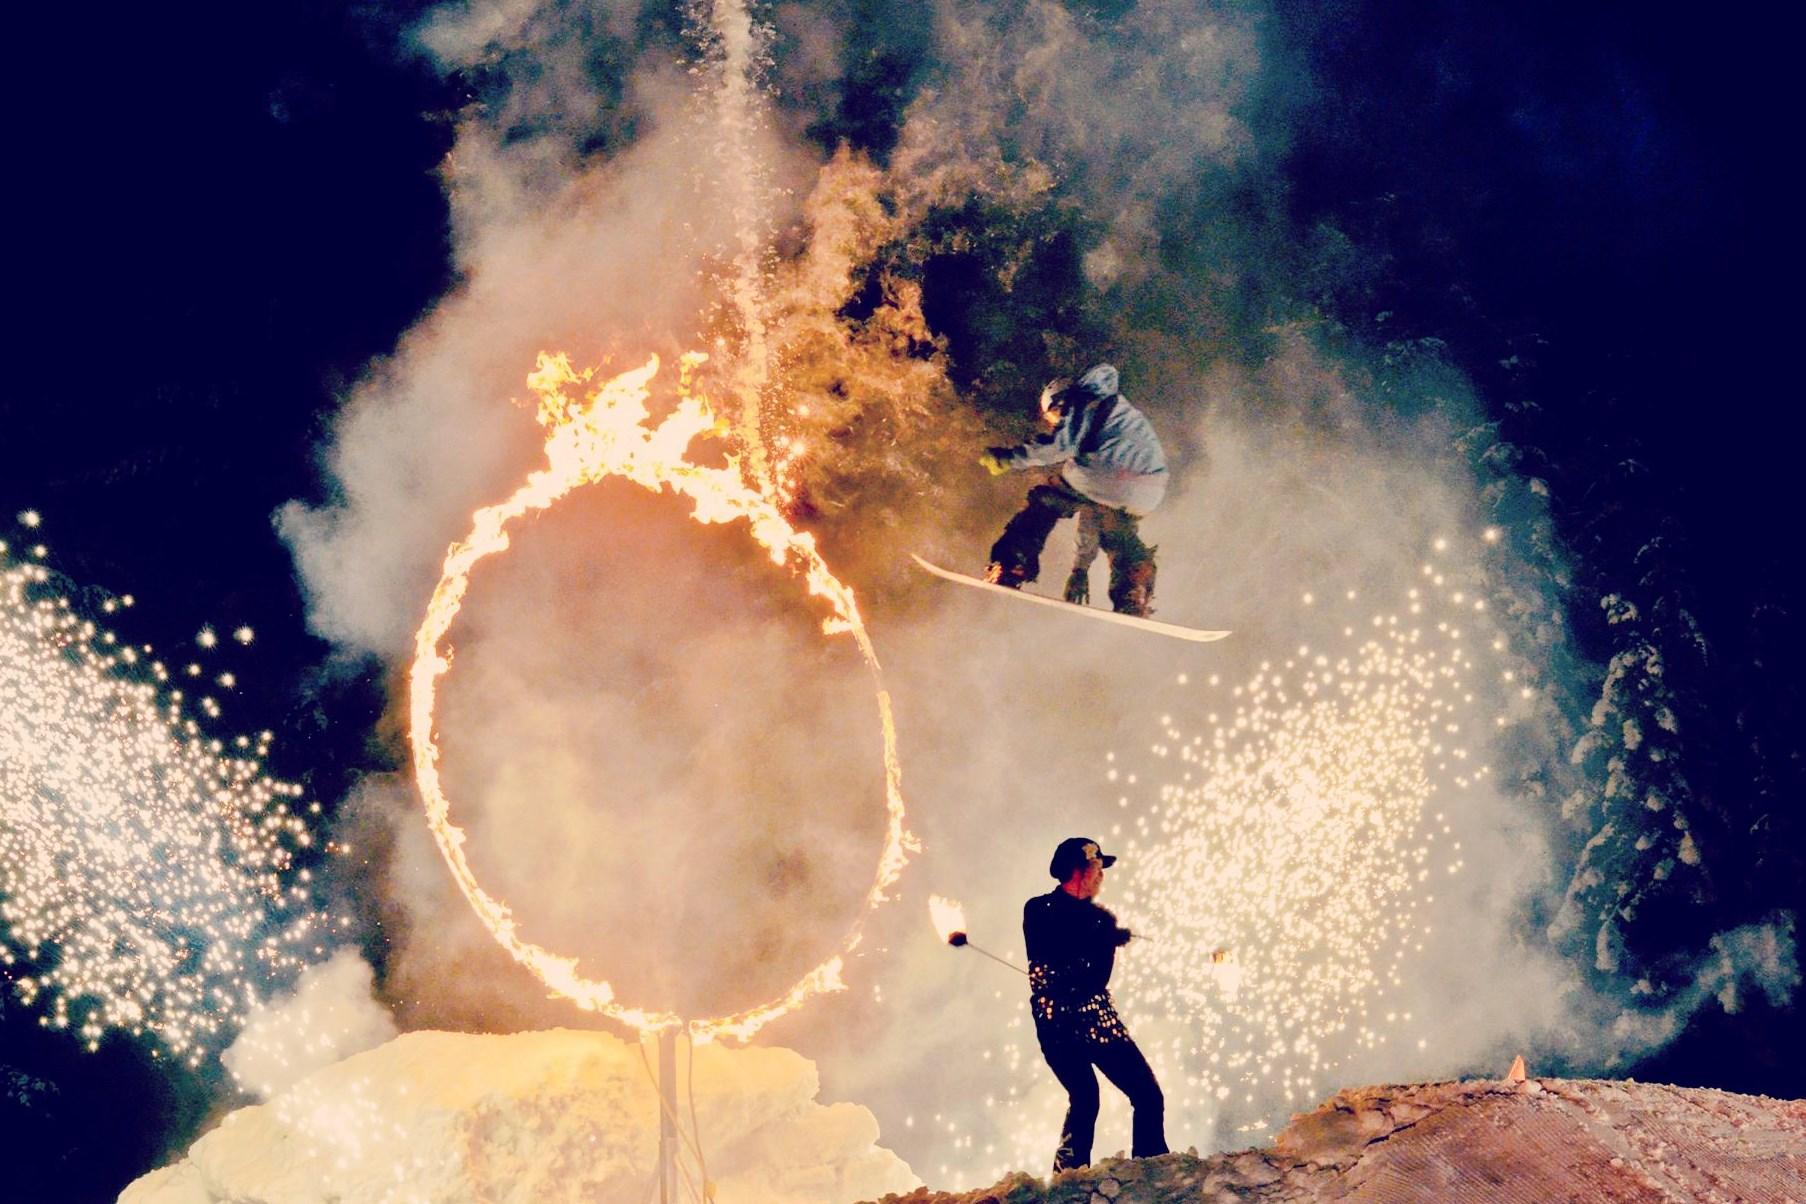 FIRE SHOW# Spectaculaire vuurshow en vuurwerk in het centrum van Risoul